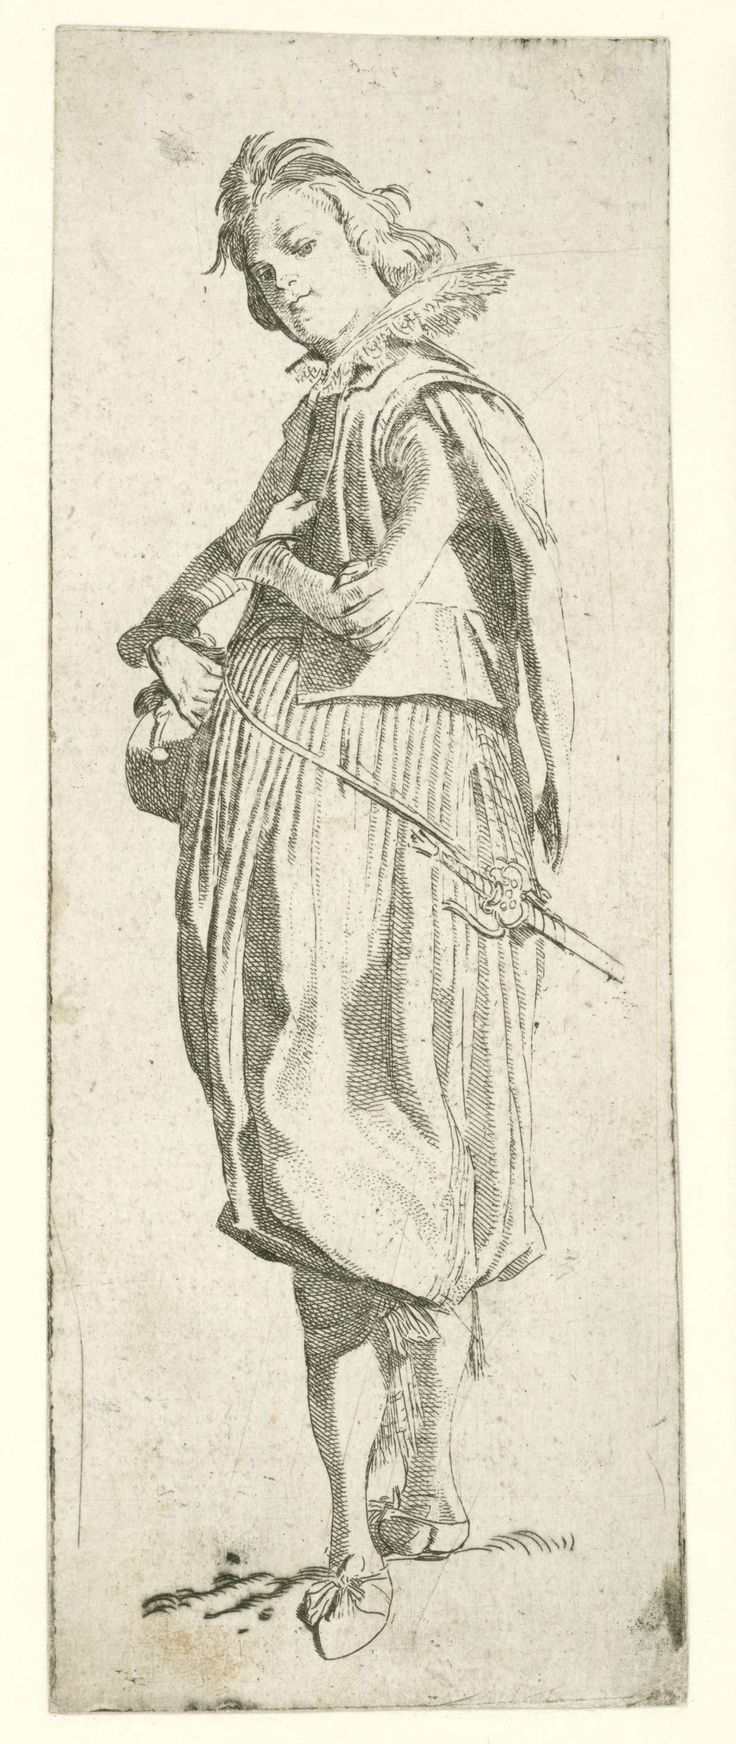 Willem Pietersz. Buytewech | Italiaanse edelman, Willem Pietersz. Buytewech, 1615 | Italiaanse edelman in kostuum met kanten kraag, wambuis met siermouwen en wijde pofbroek tot aan de knieën, kousebanden met strikken. Proefdruk voor de eerste staat,  vóór de vermelding van de titel. No.  4 uit een serie van 7 kostuumprenten.